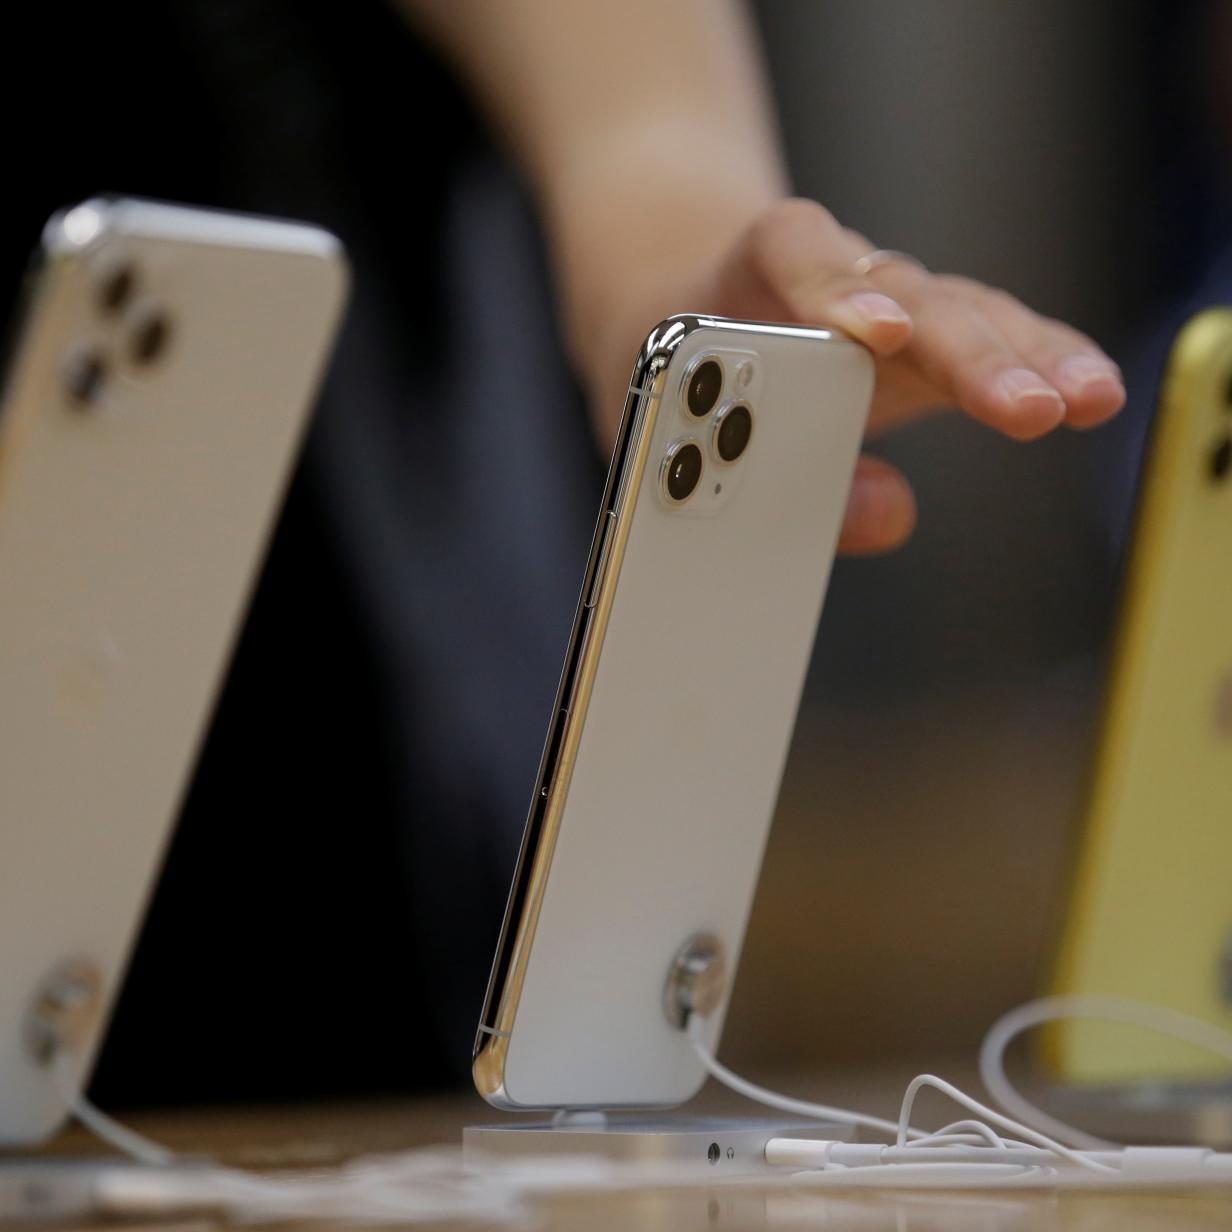 Apple erklärt, warum das iPhone 11 Standortdaten ohne Erlaubnis sammelt